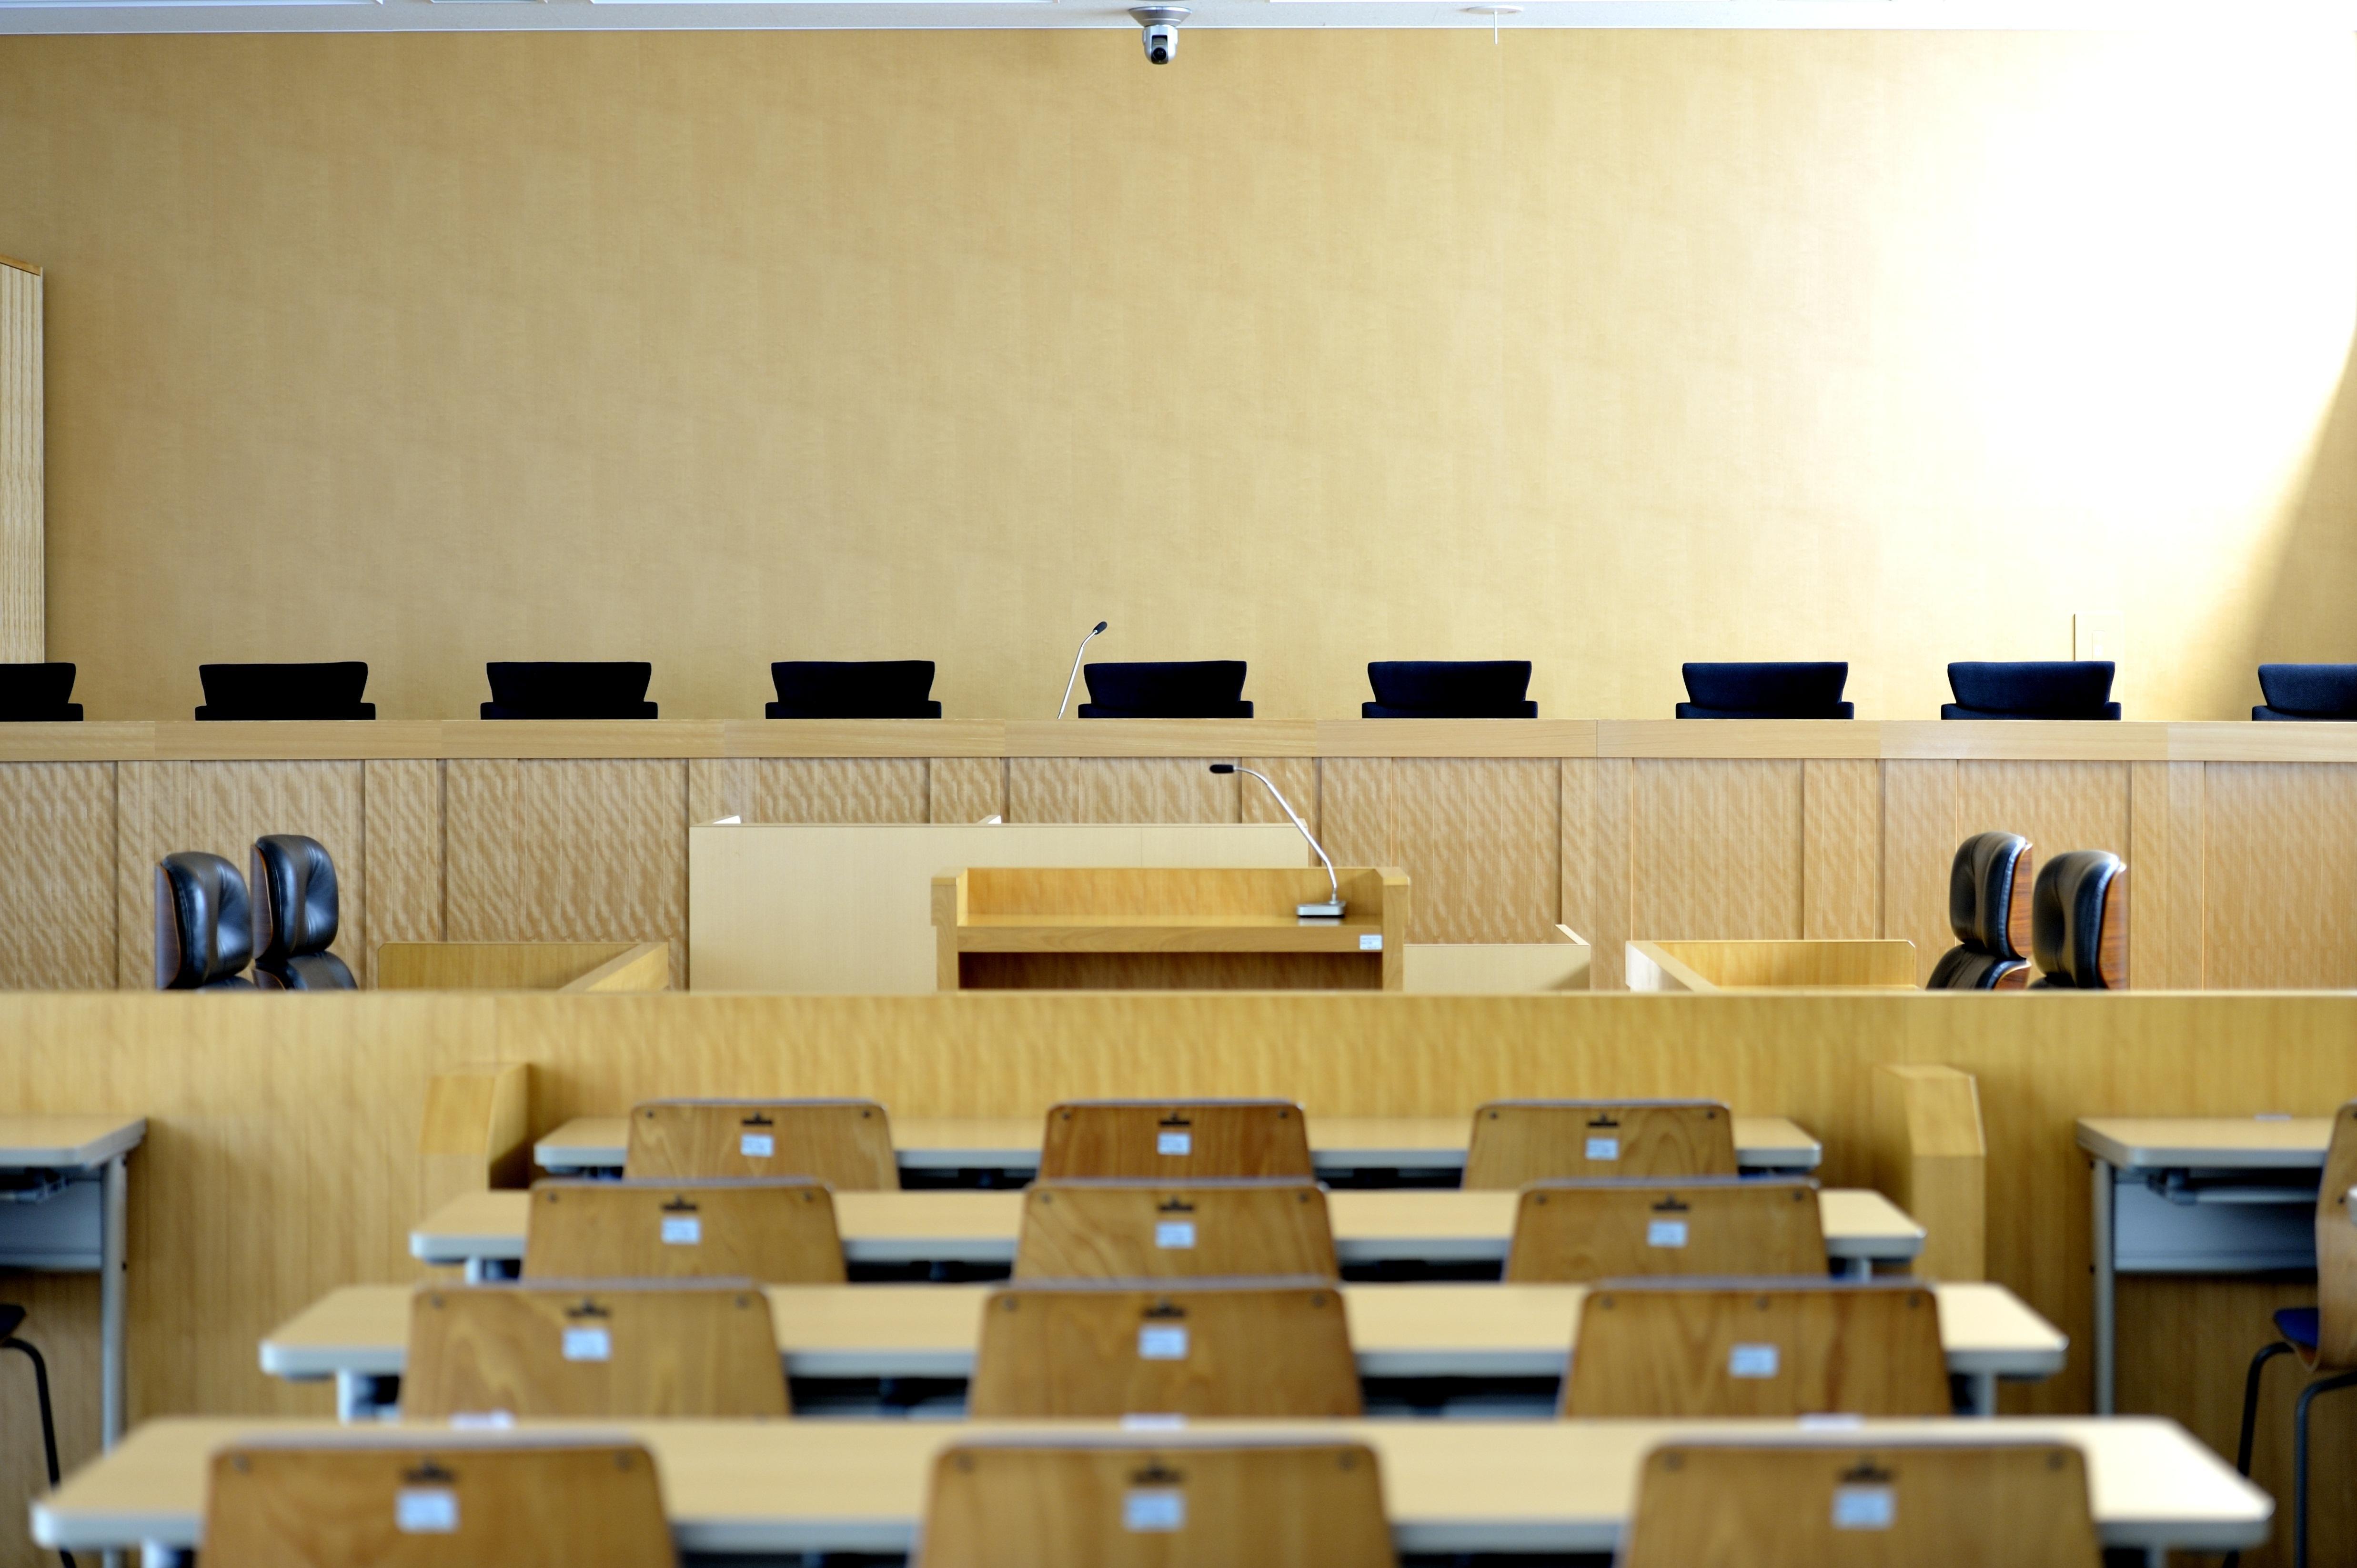 【衆院選】国政選挙として横浜市内初、本学学生が期日前投票の選挙事務に従事します-横浜キャンパスに衆議院議員総選挙の期日前投票所を開設-